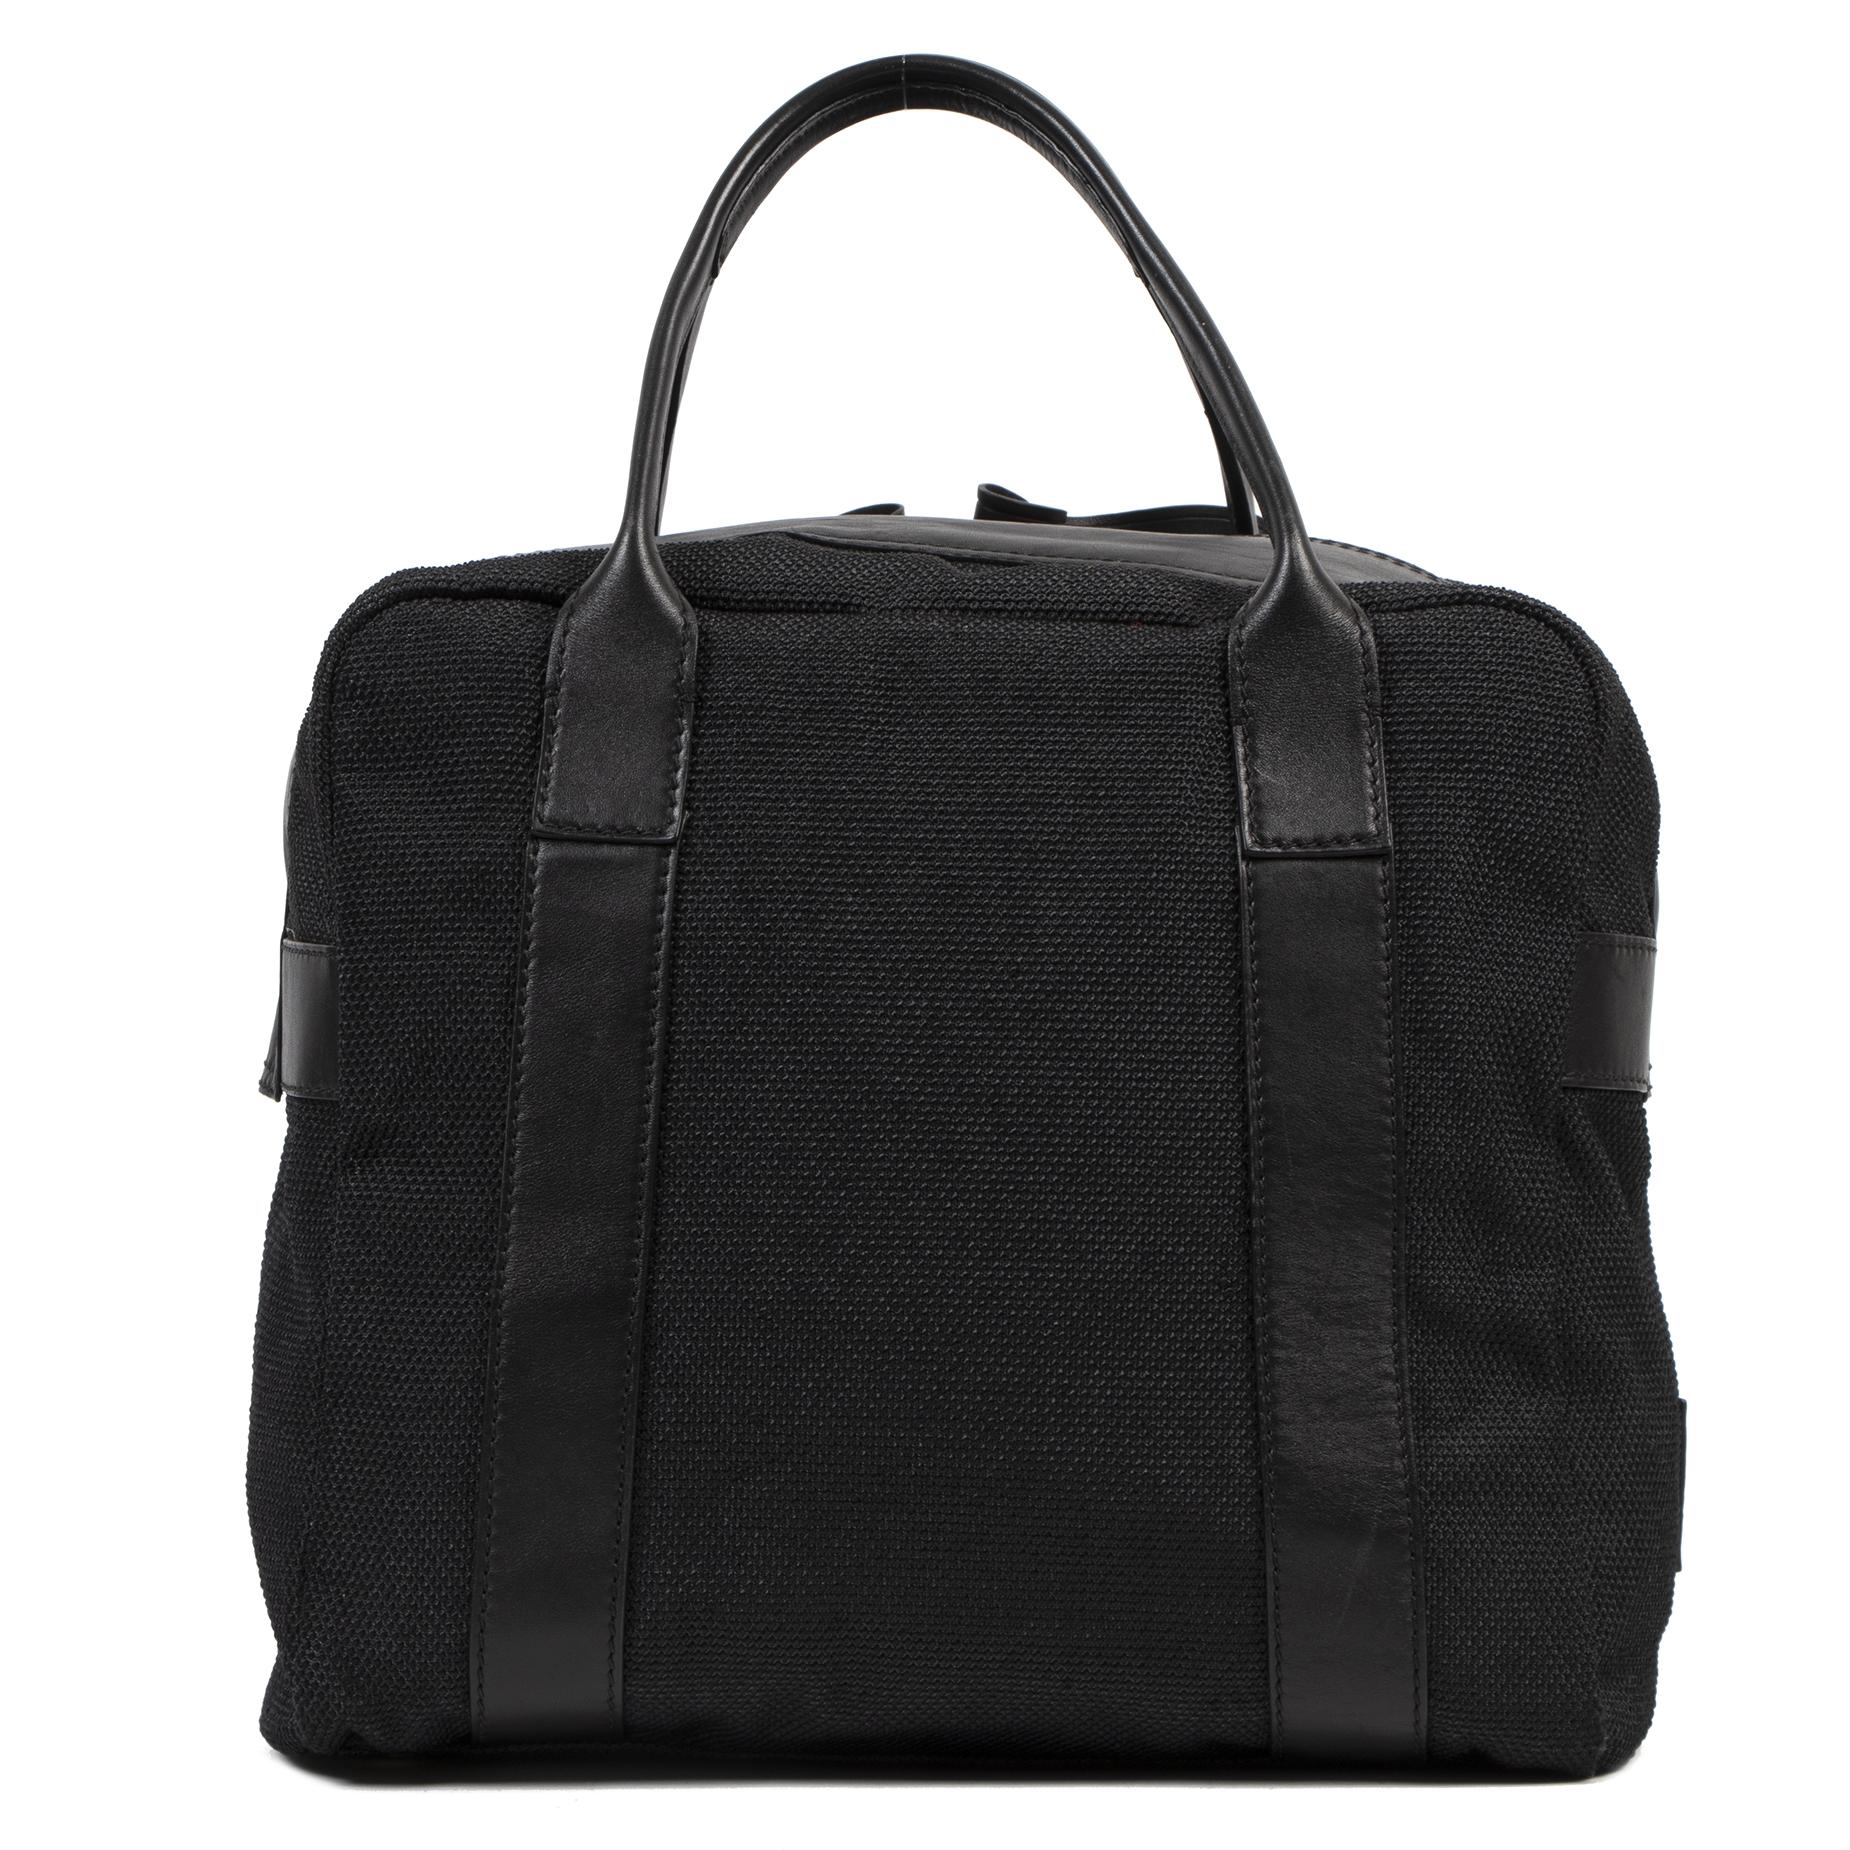 Authentieke Tweedehands Valentino Black Mesh Flower Bag juiste prijs veilig online shoppen luxe merken webshop winkelen Antwerpen België mode fashion